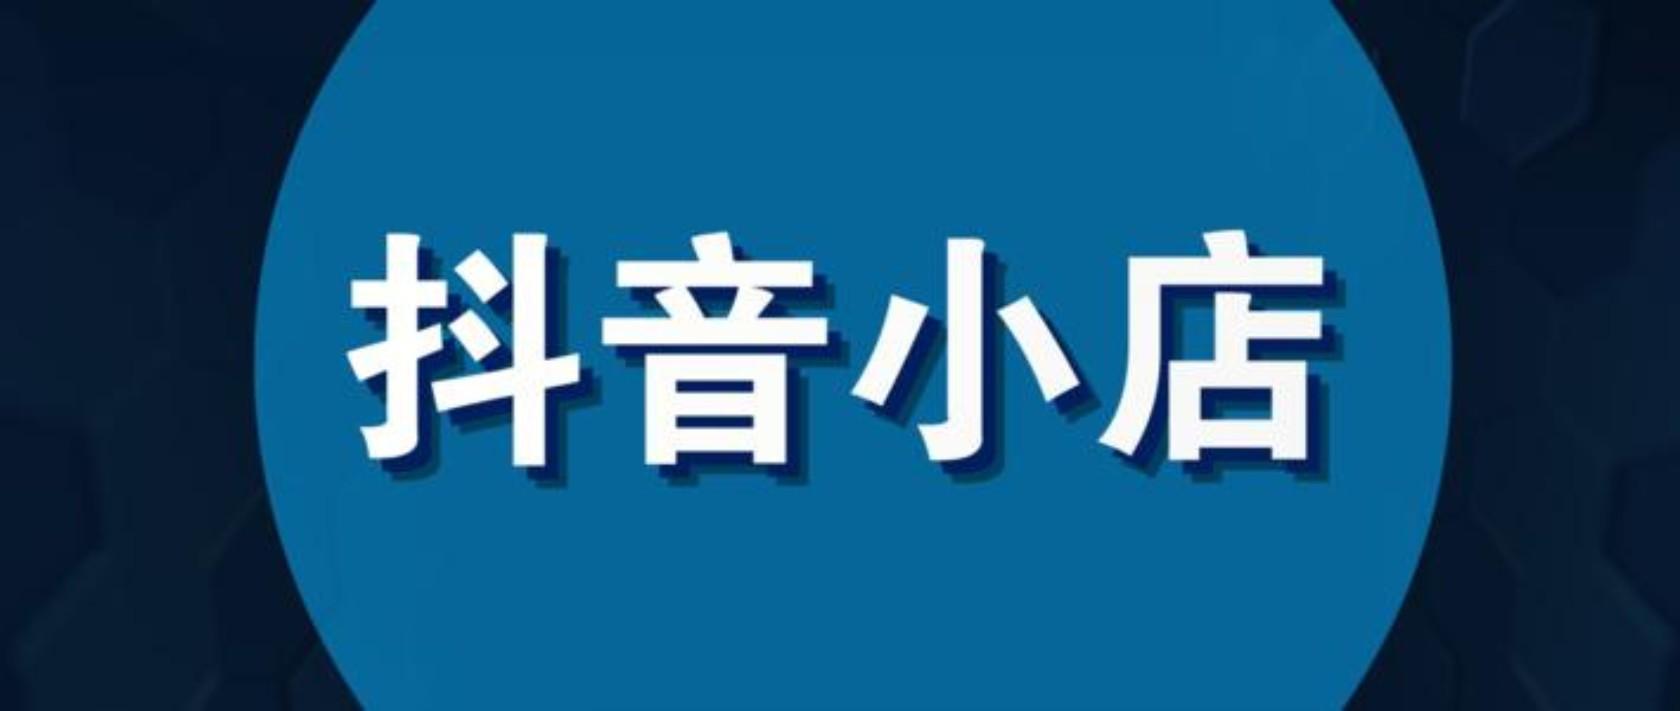 2021最新抖音小店无货源单类目操作群控操作玩法揭秘公开课